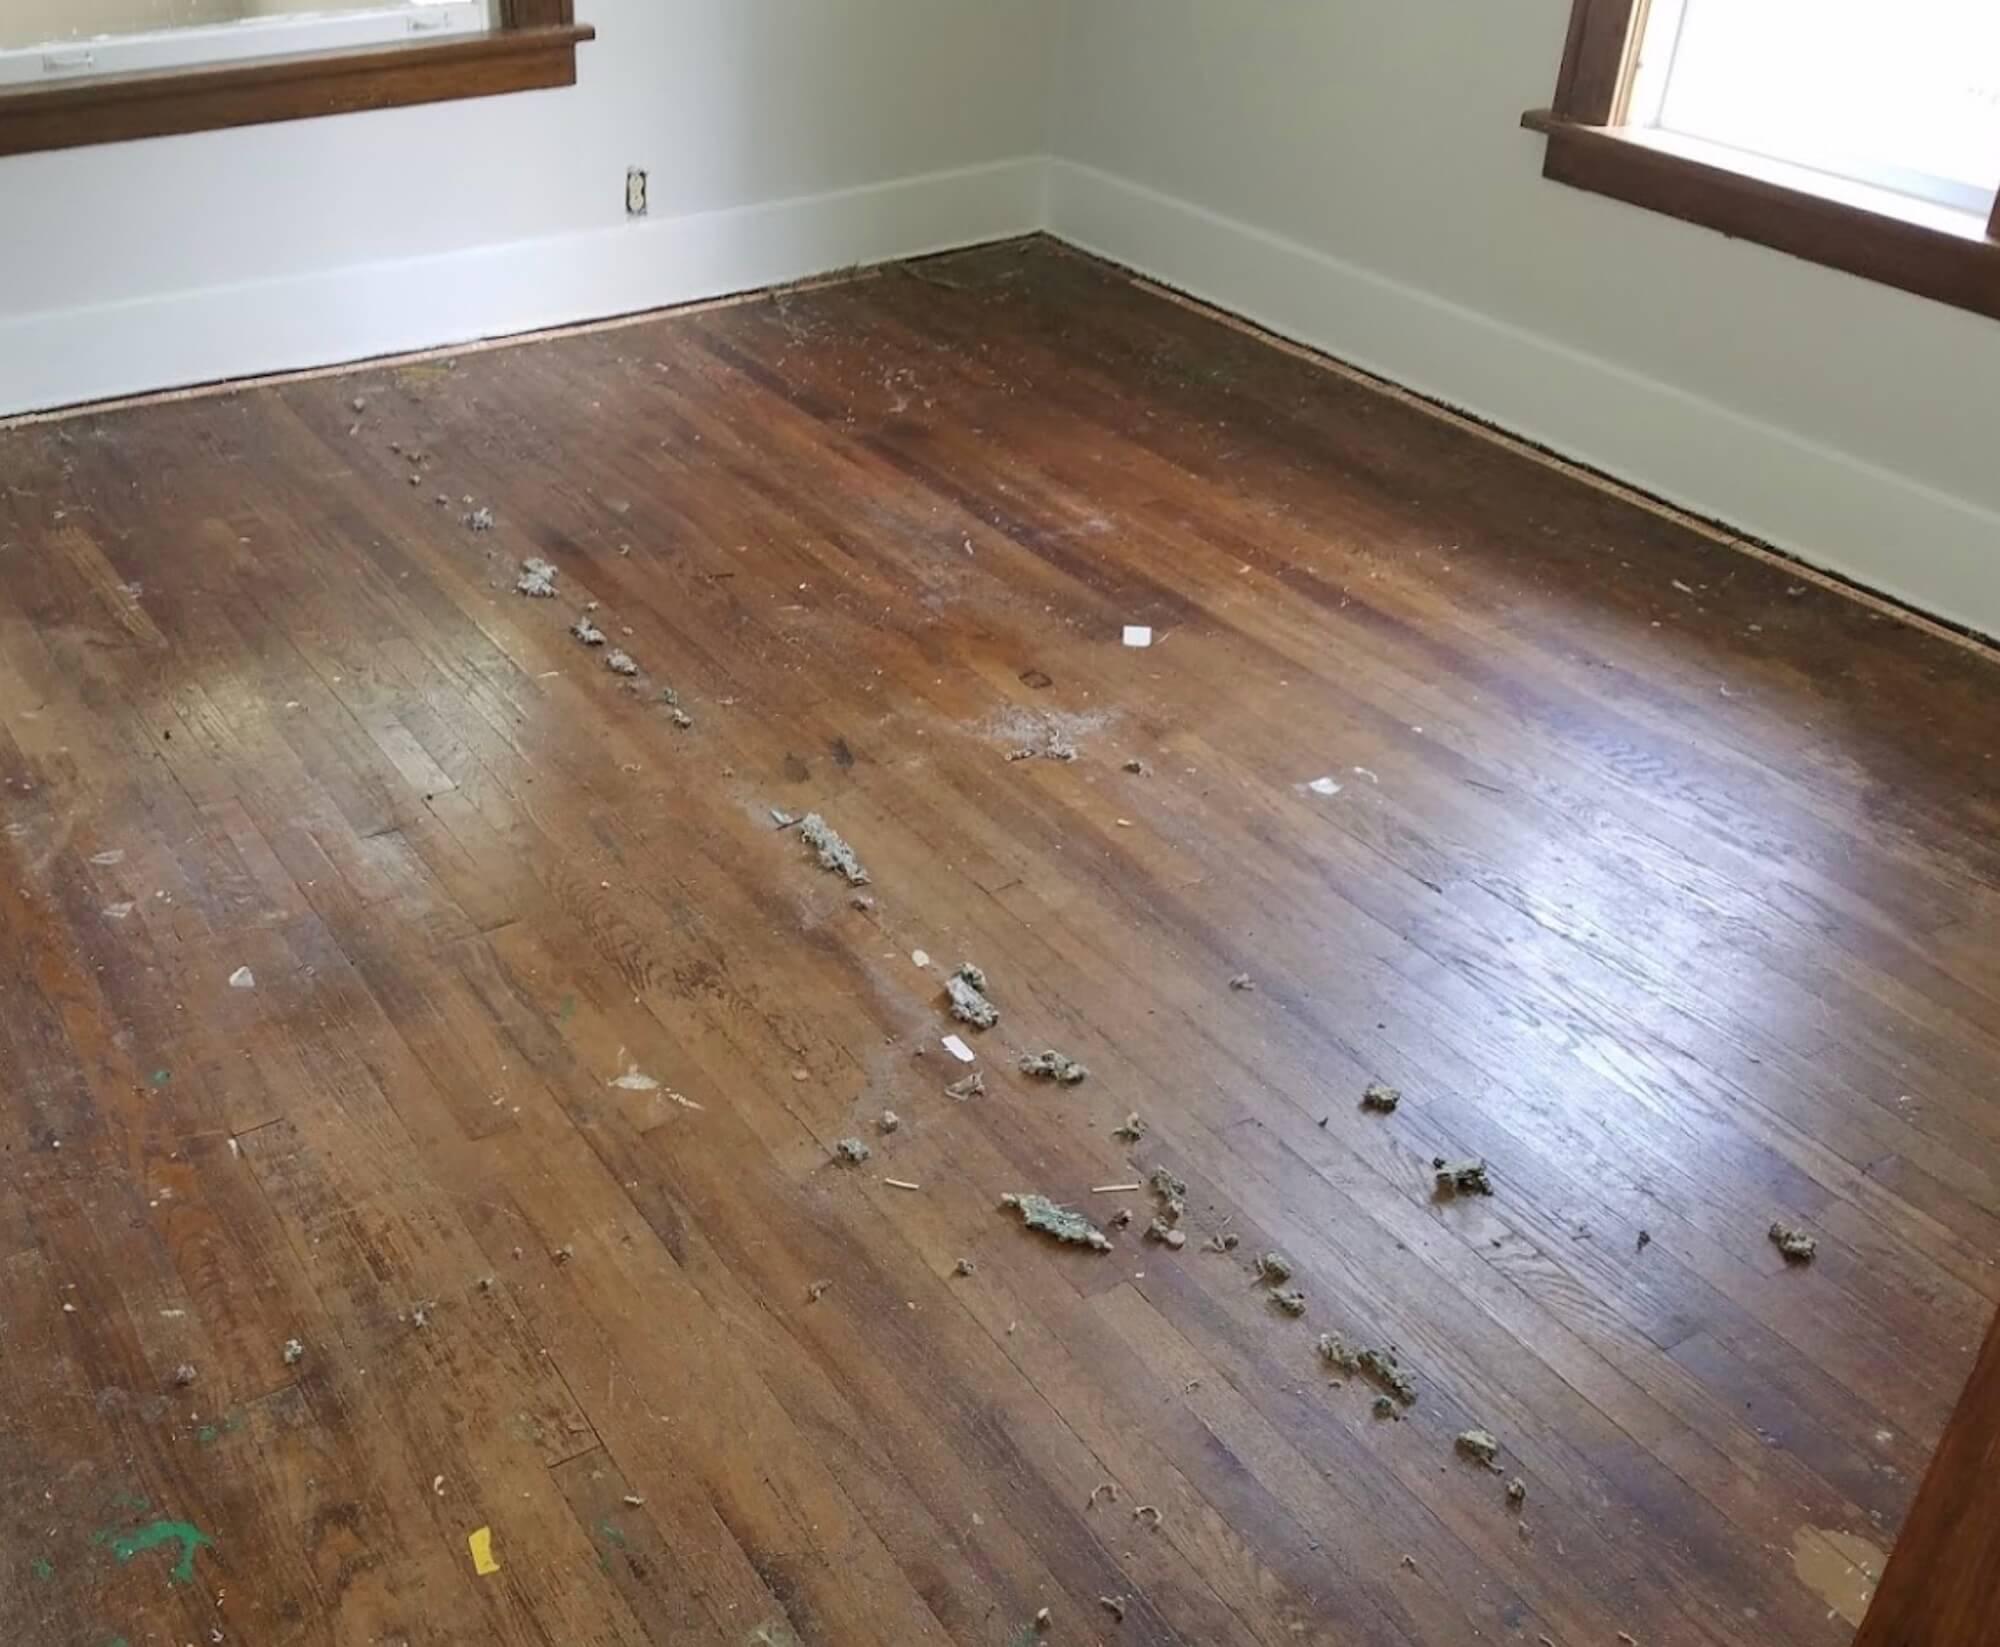 damaged hardwood floor in trenton, nj